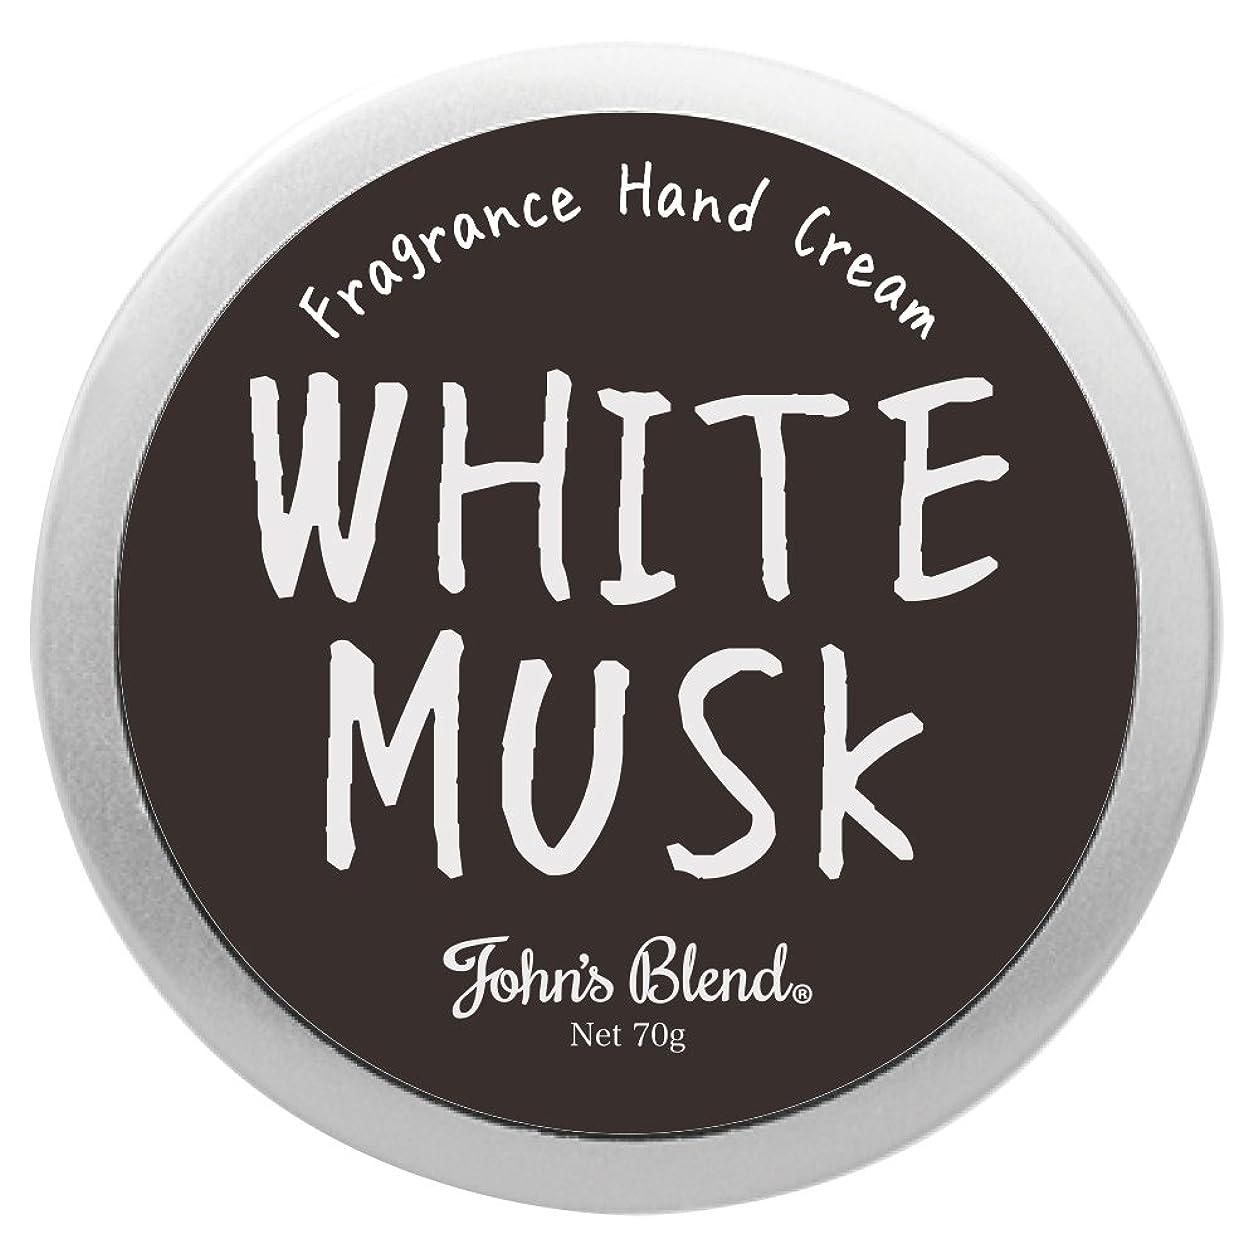 花火言い聞かせる邪魔ノルコーポレーション John's Blend ハンドクリーム 保湿成分配合 OZ-JOD-1-1 ホワイトムスクの香り 70g